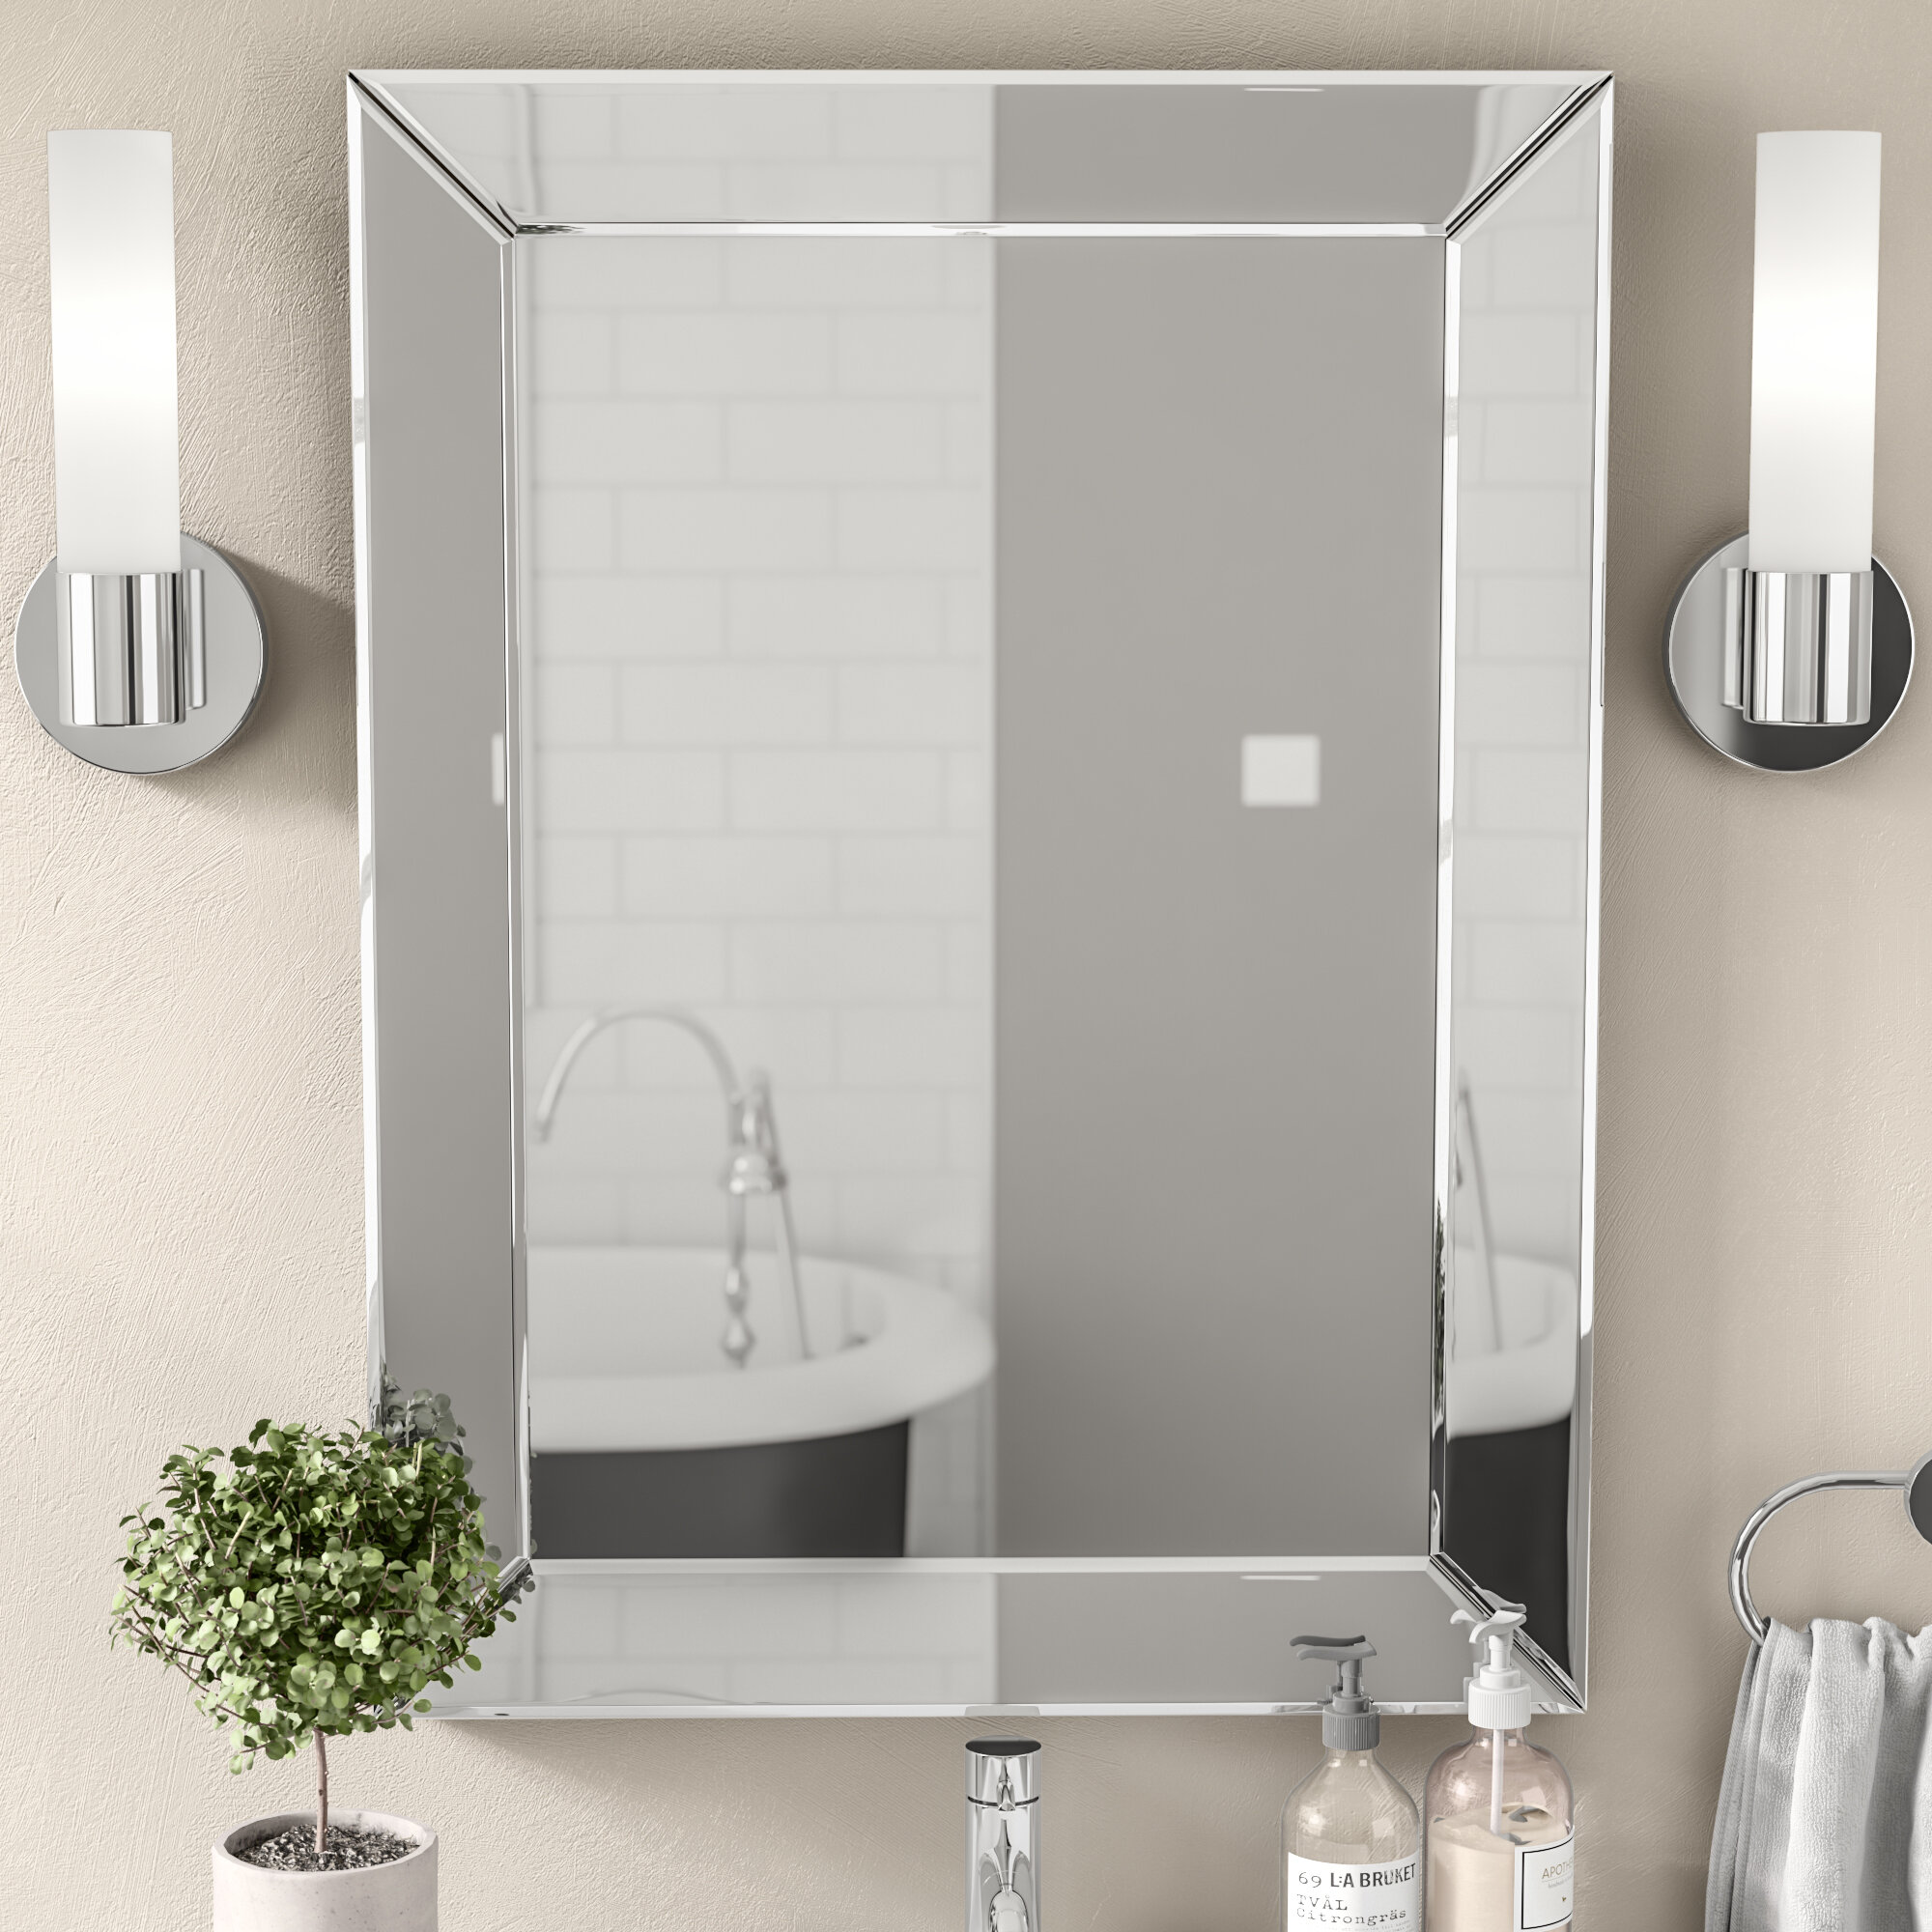 Brayden Studio Vanity Mirrors You Ll Love In 2021 Wayfair